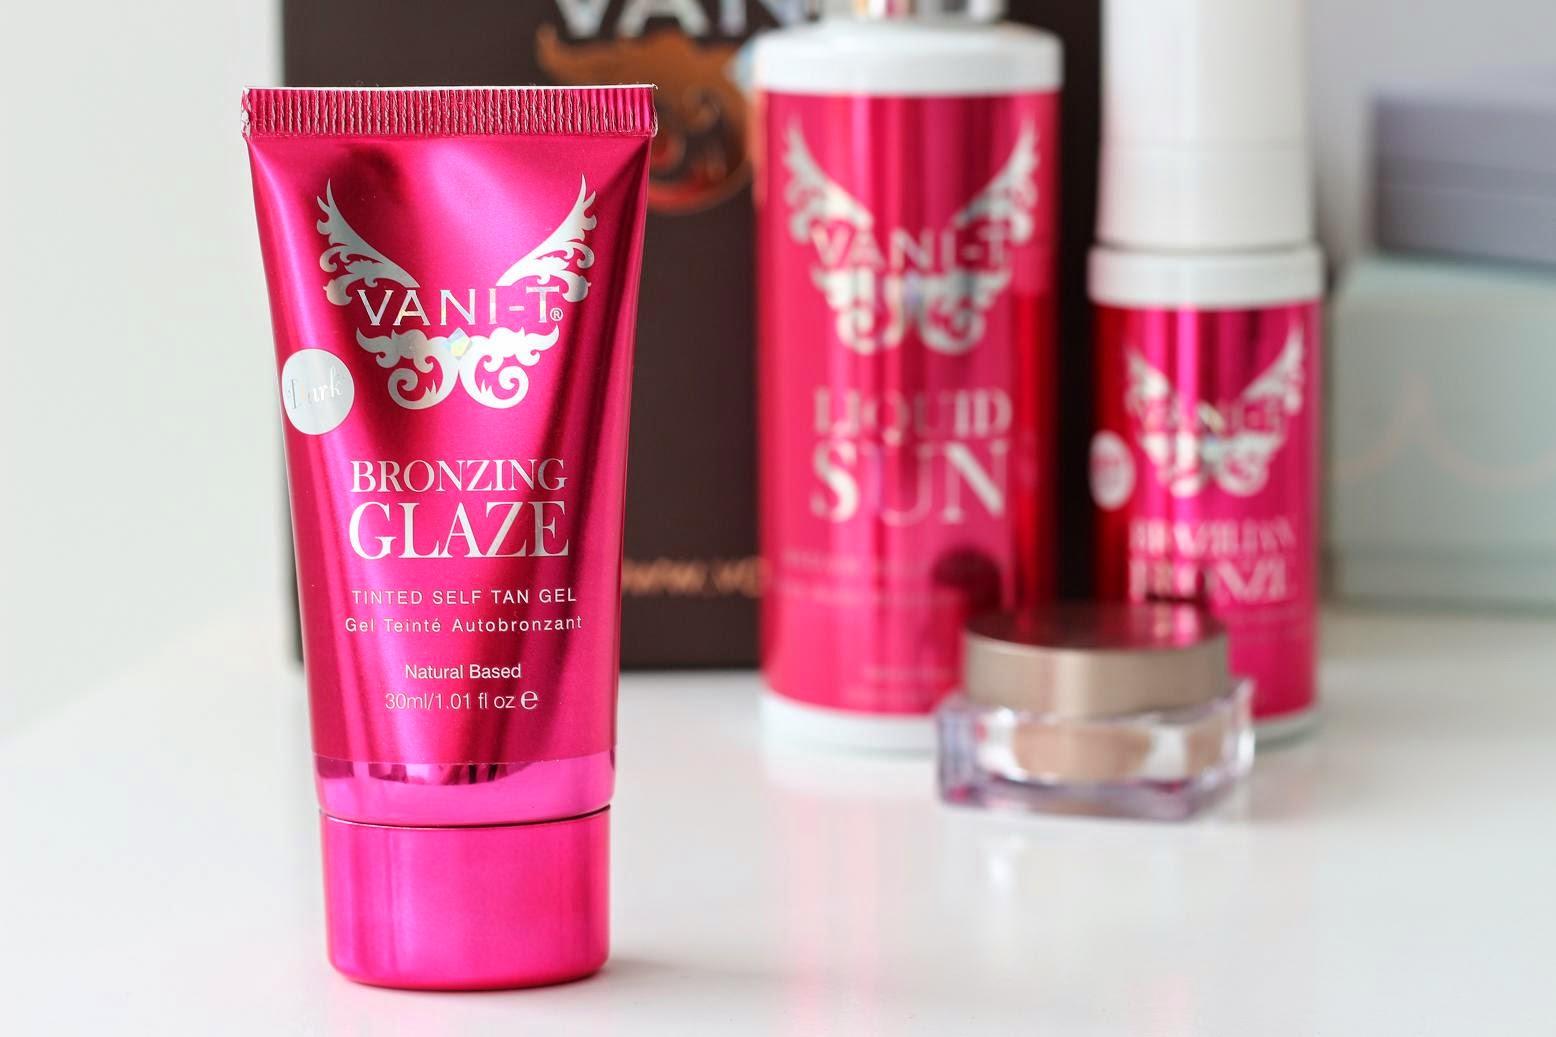 Vani-T Bronzing Glaze